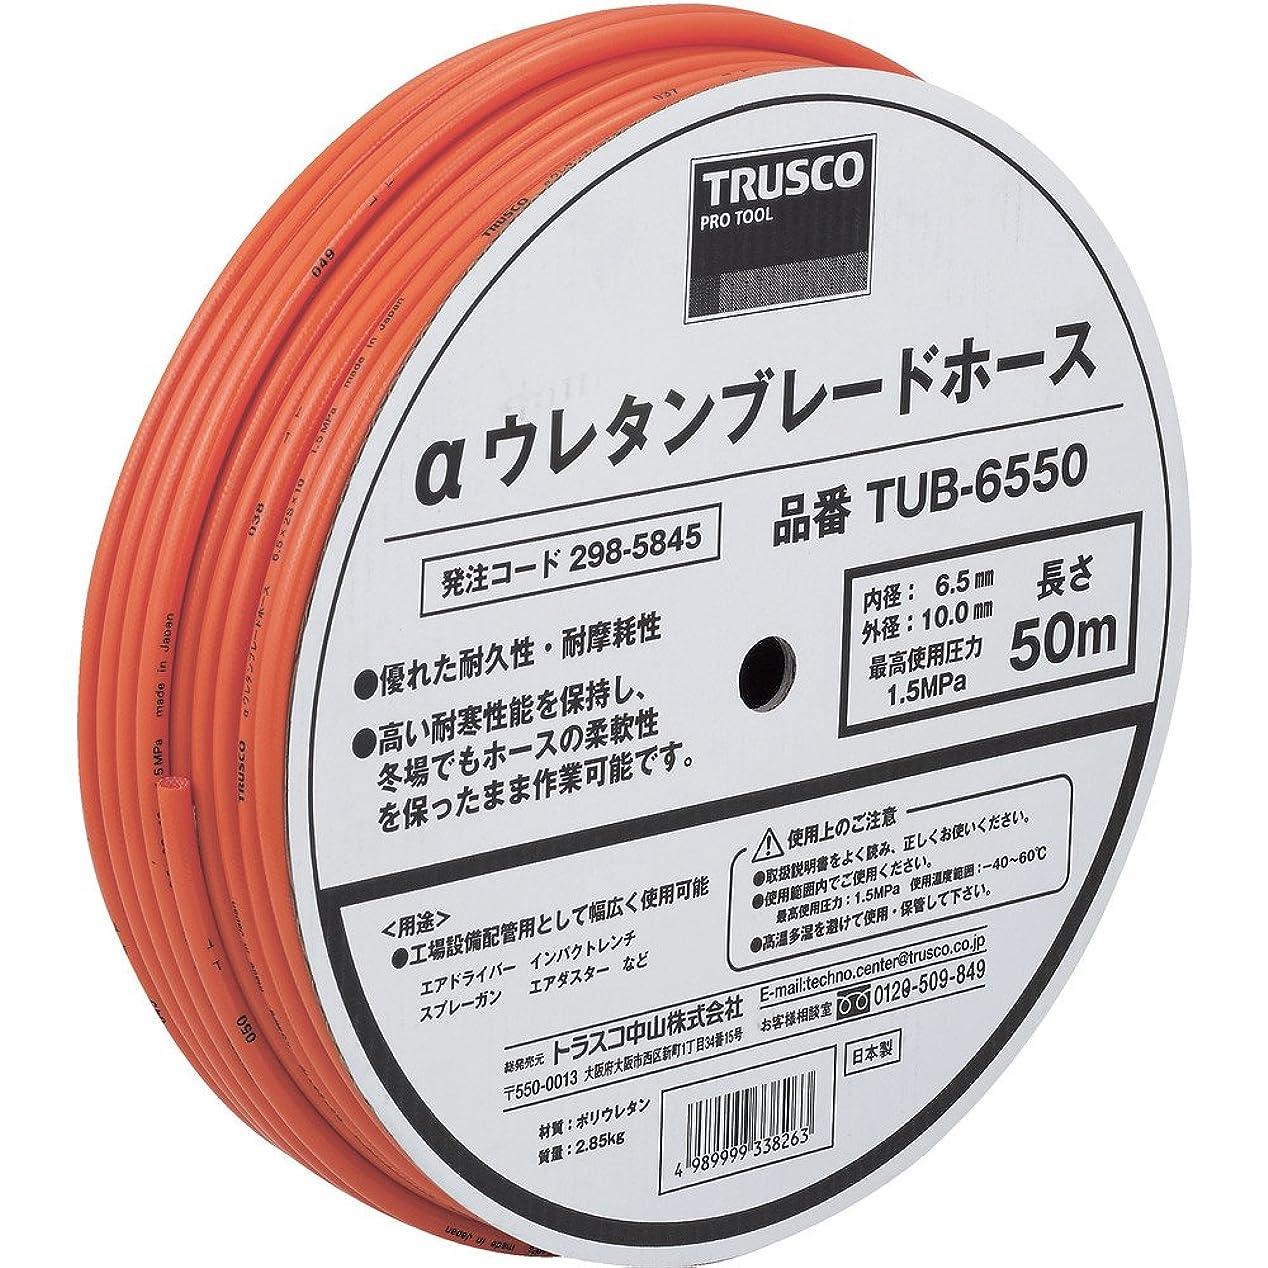 可塑性規制サロンTRUSCO(トラスコ) αウレタンブレードホース 8.5X12.5mm 50m ドラム巻 TUB-8550